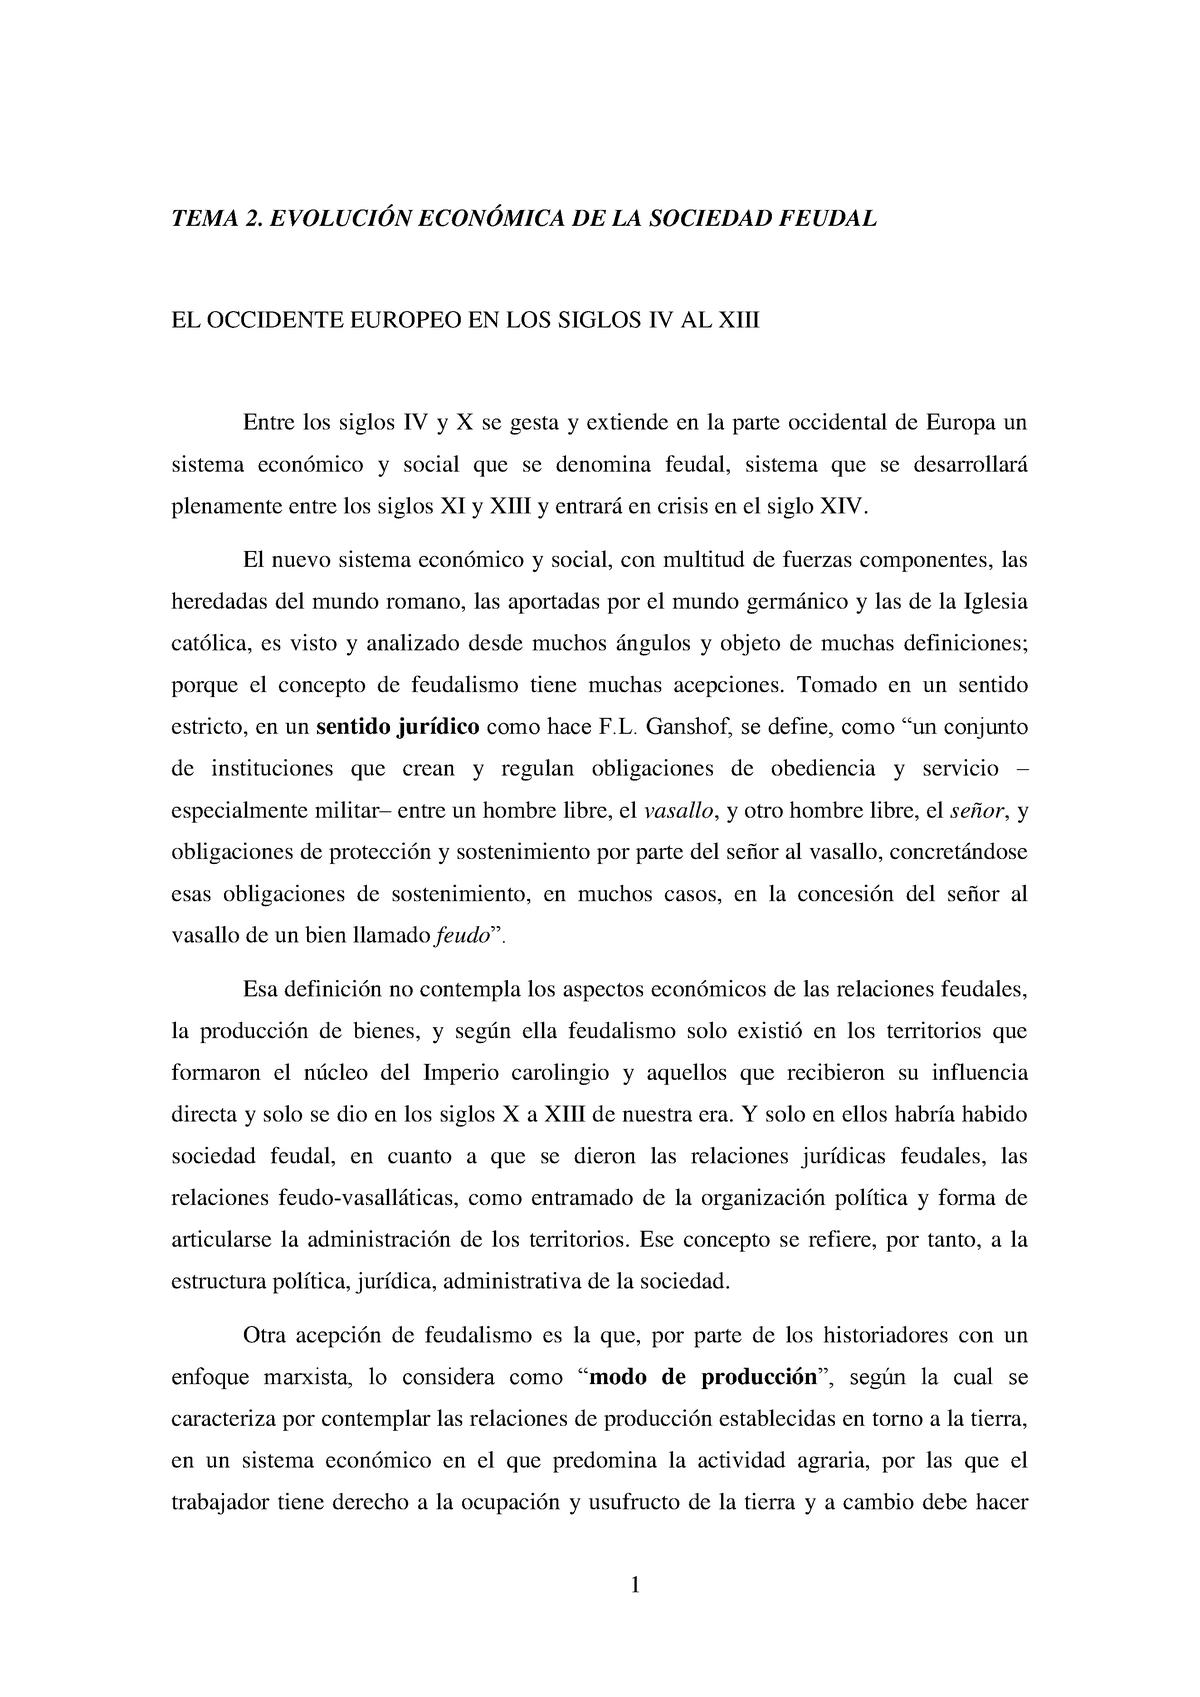 Tema 2 Feudalismo Apuntes 2 Historia Económica 622 Studocu